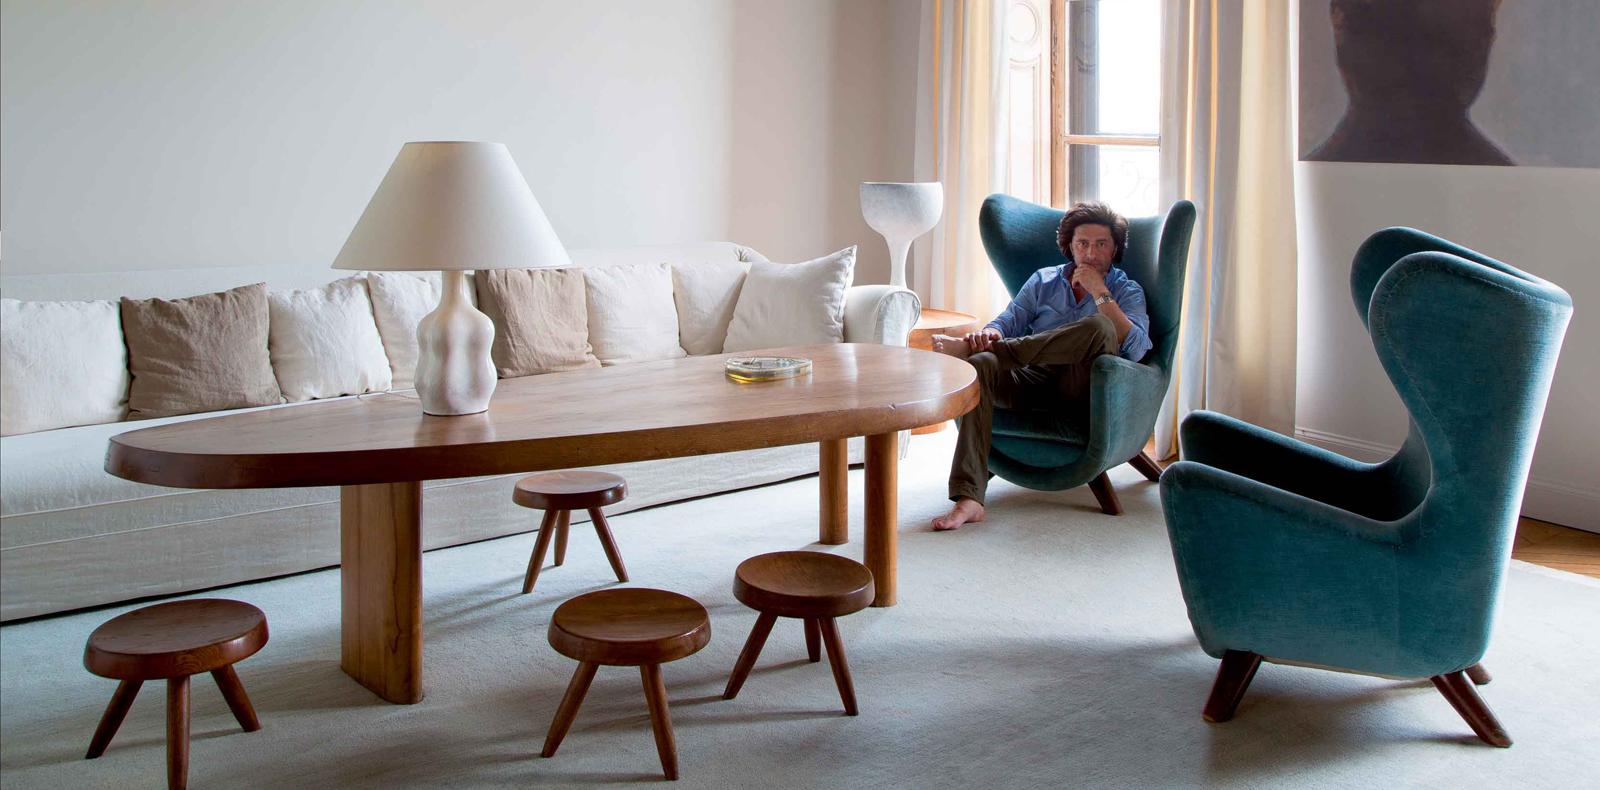 Paire de fauteuils eléphanteau (vers 1958), de Jean Royère. Table forme libre, de Charlotte Perriand. Sur la table, lampe en céramique, de Georges Jouve. Au second plan, lampe en céramique, d'André Borderie. Tableau de Luc Tuymans.